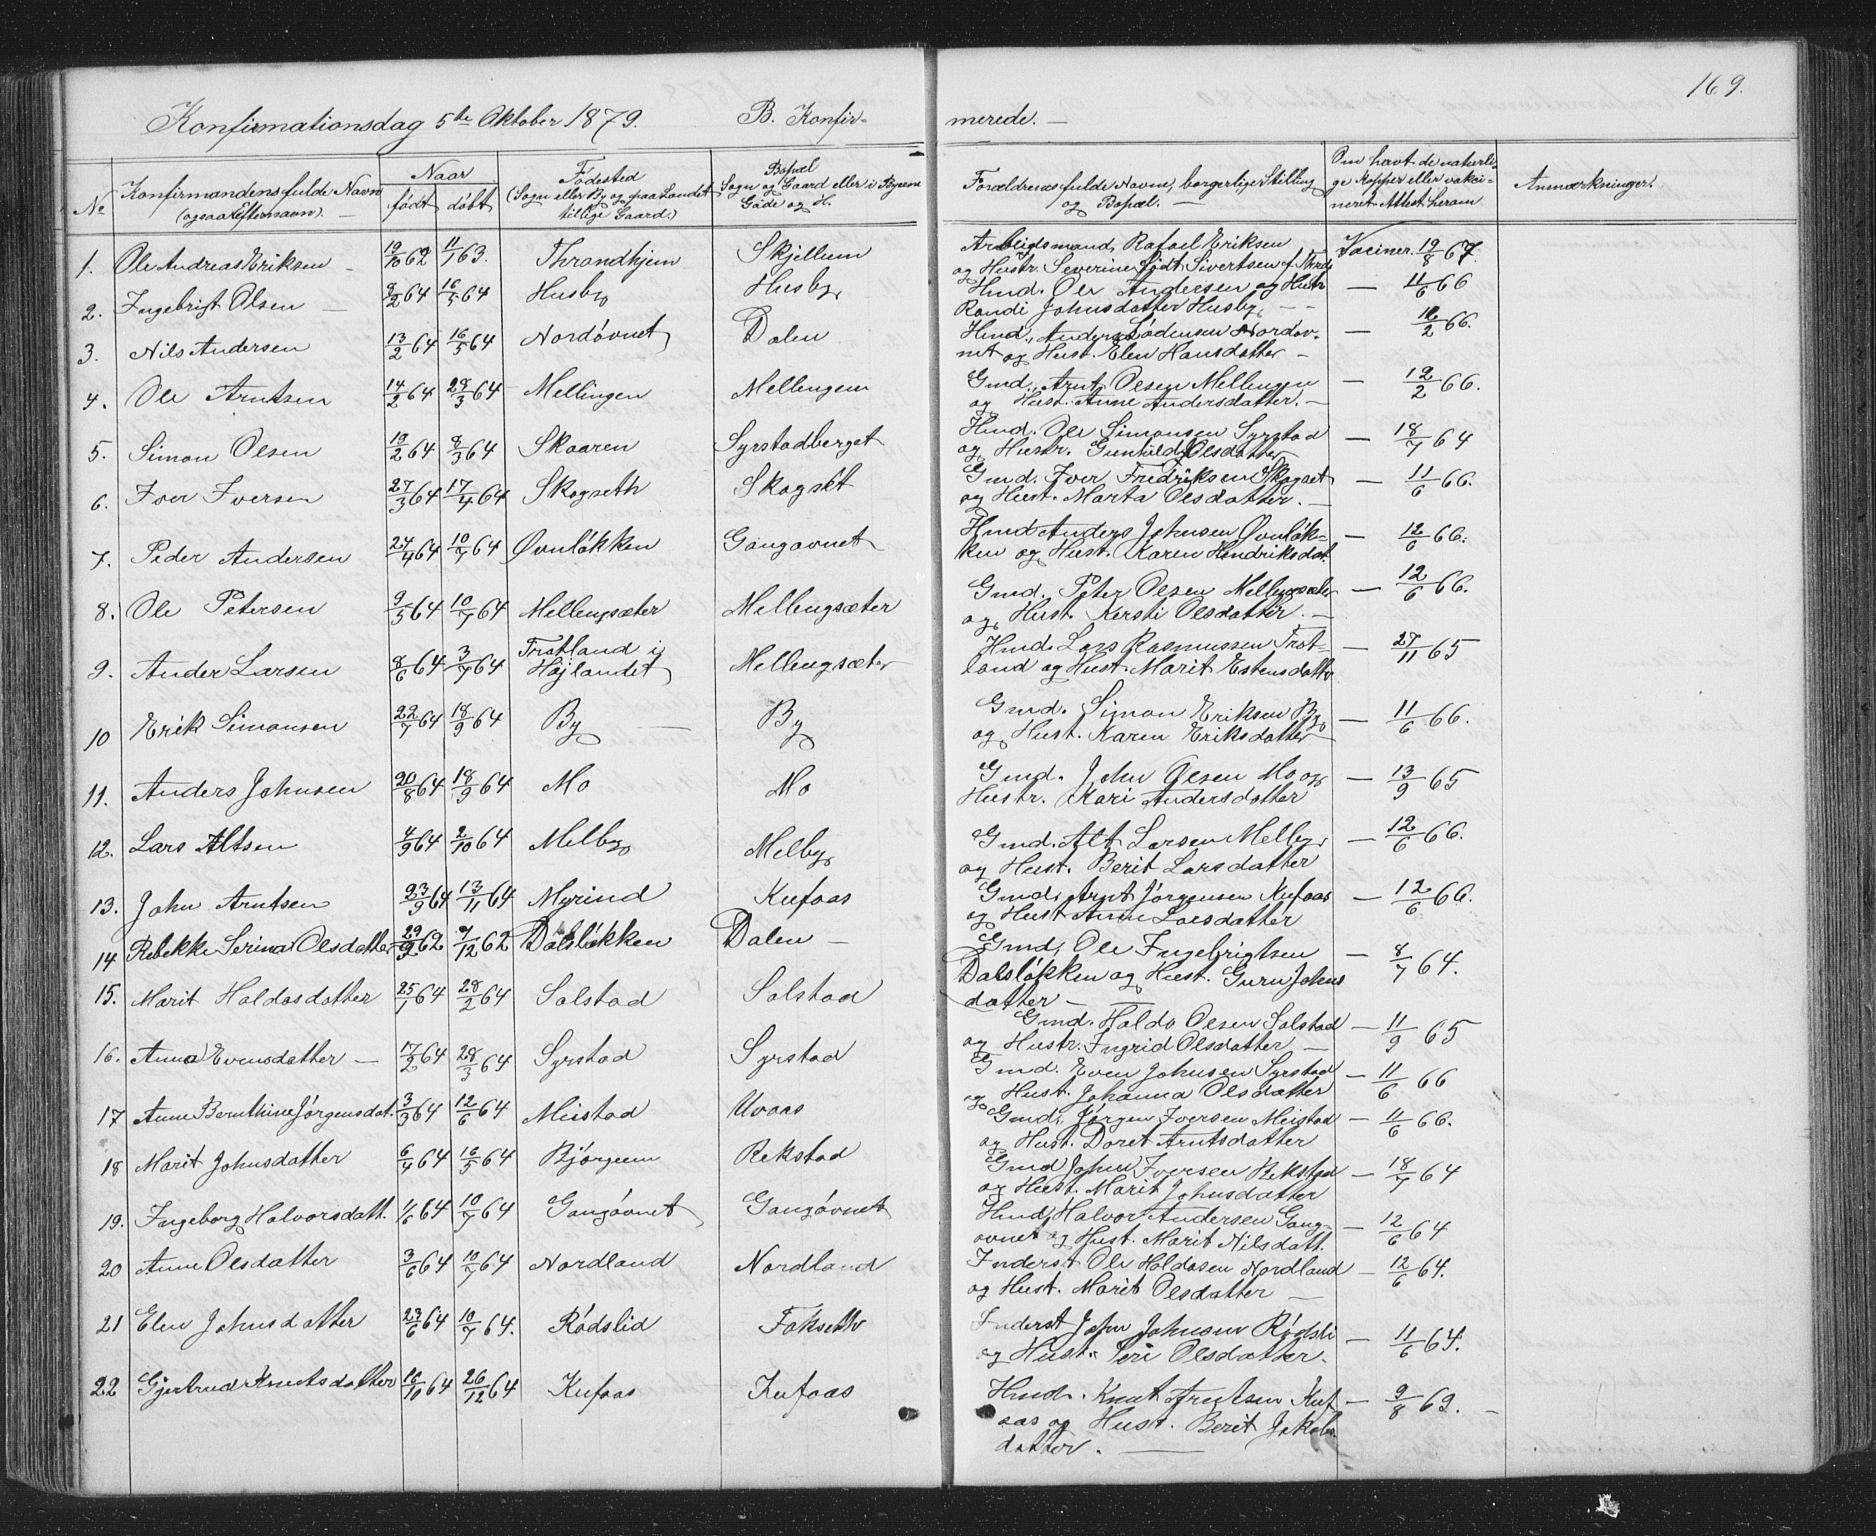 SAT, Ministerialprotokoller, klokkerbøker og fødselsregistre - Sør-Trøndelag, 667/L0798: Klokkerbok nr. 667C03, 1867-1929, s. 169